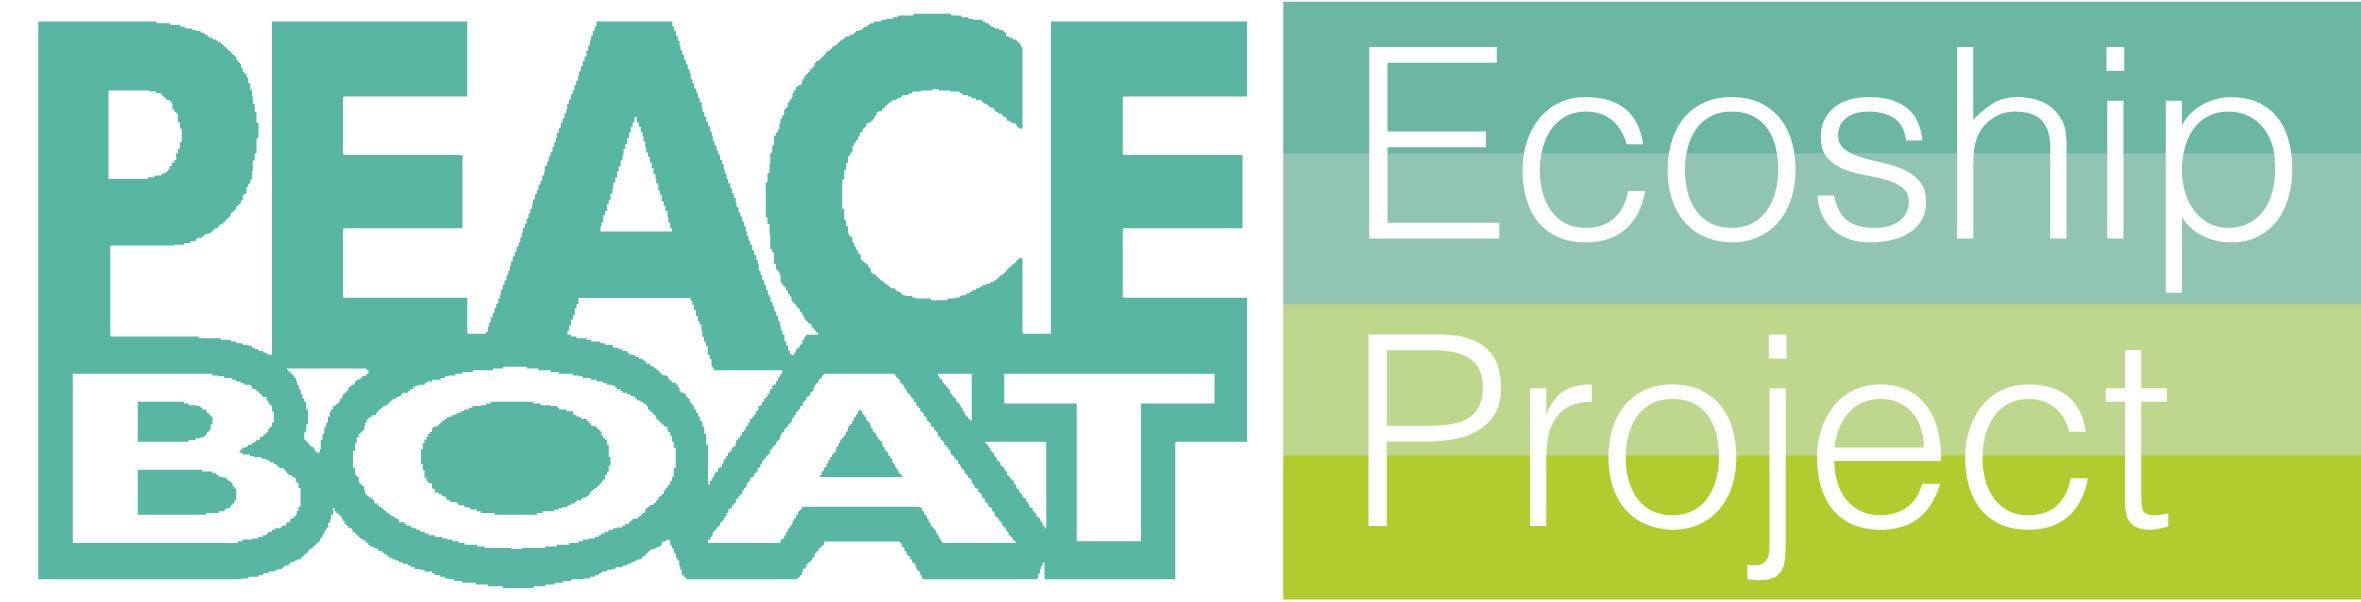 Peace Boat Ecoship Logo